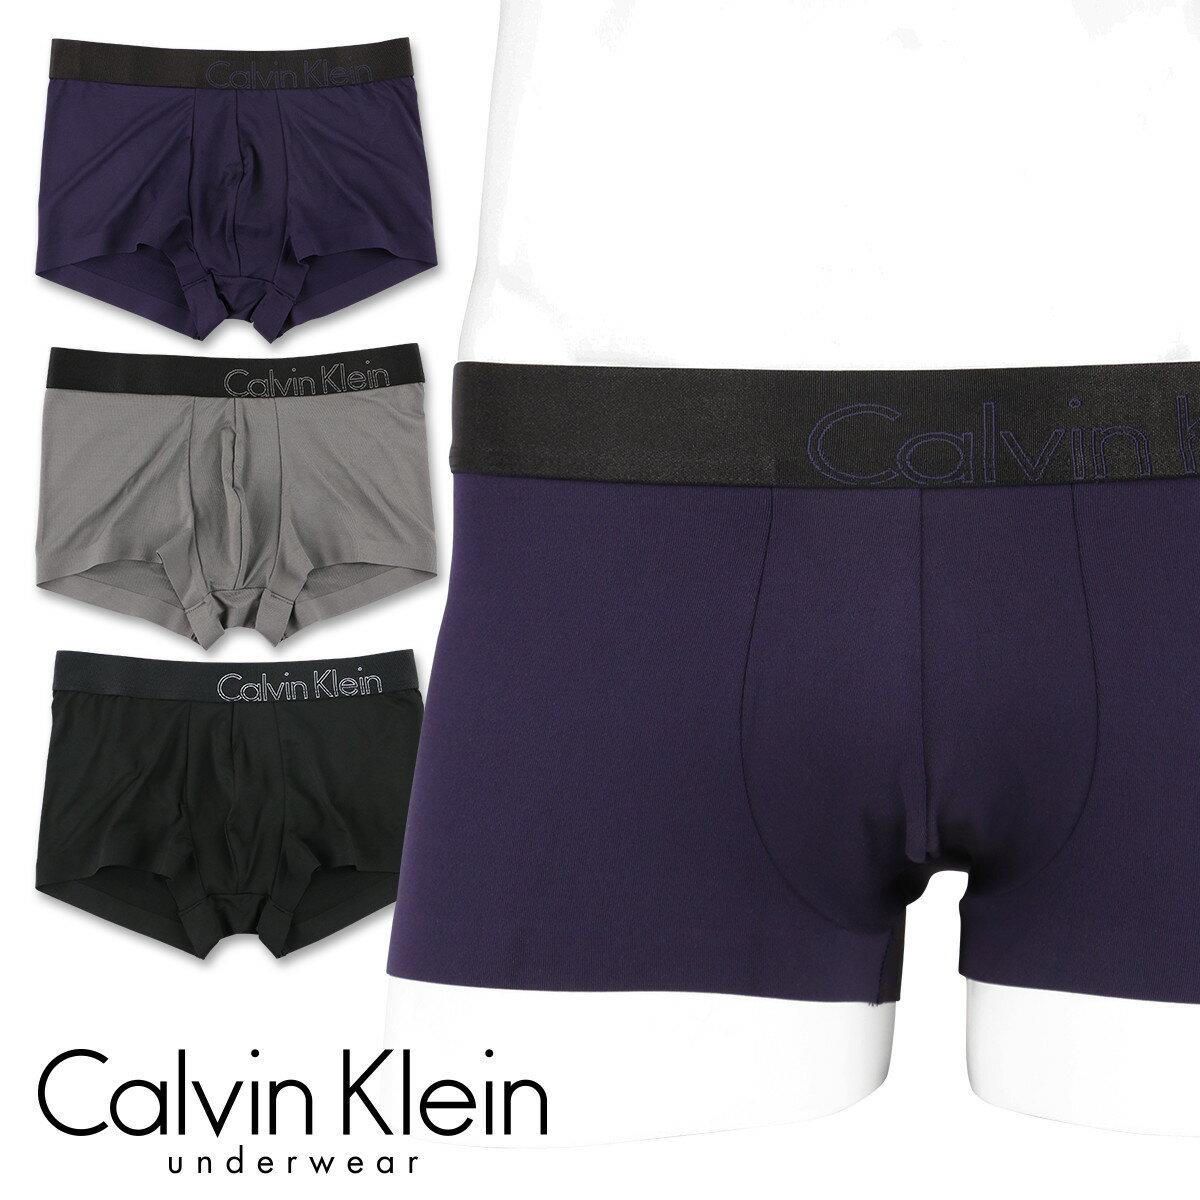 セール!50%OFFCalvin Klein Tech Fusion - Micro カルバンクライン テック フュージョン マイクロ ローライズ ボクサーパンツ 男性 メンズ プレゼント 贈答 ギフト5367-8659 NU8659ポイント10倍